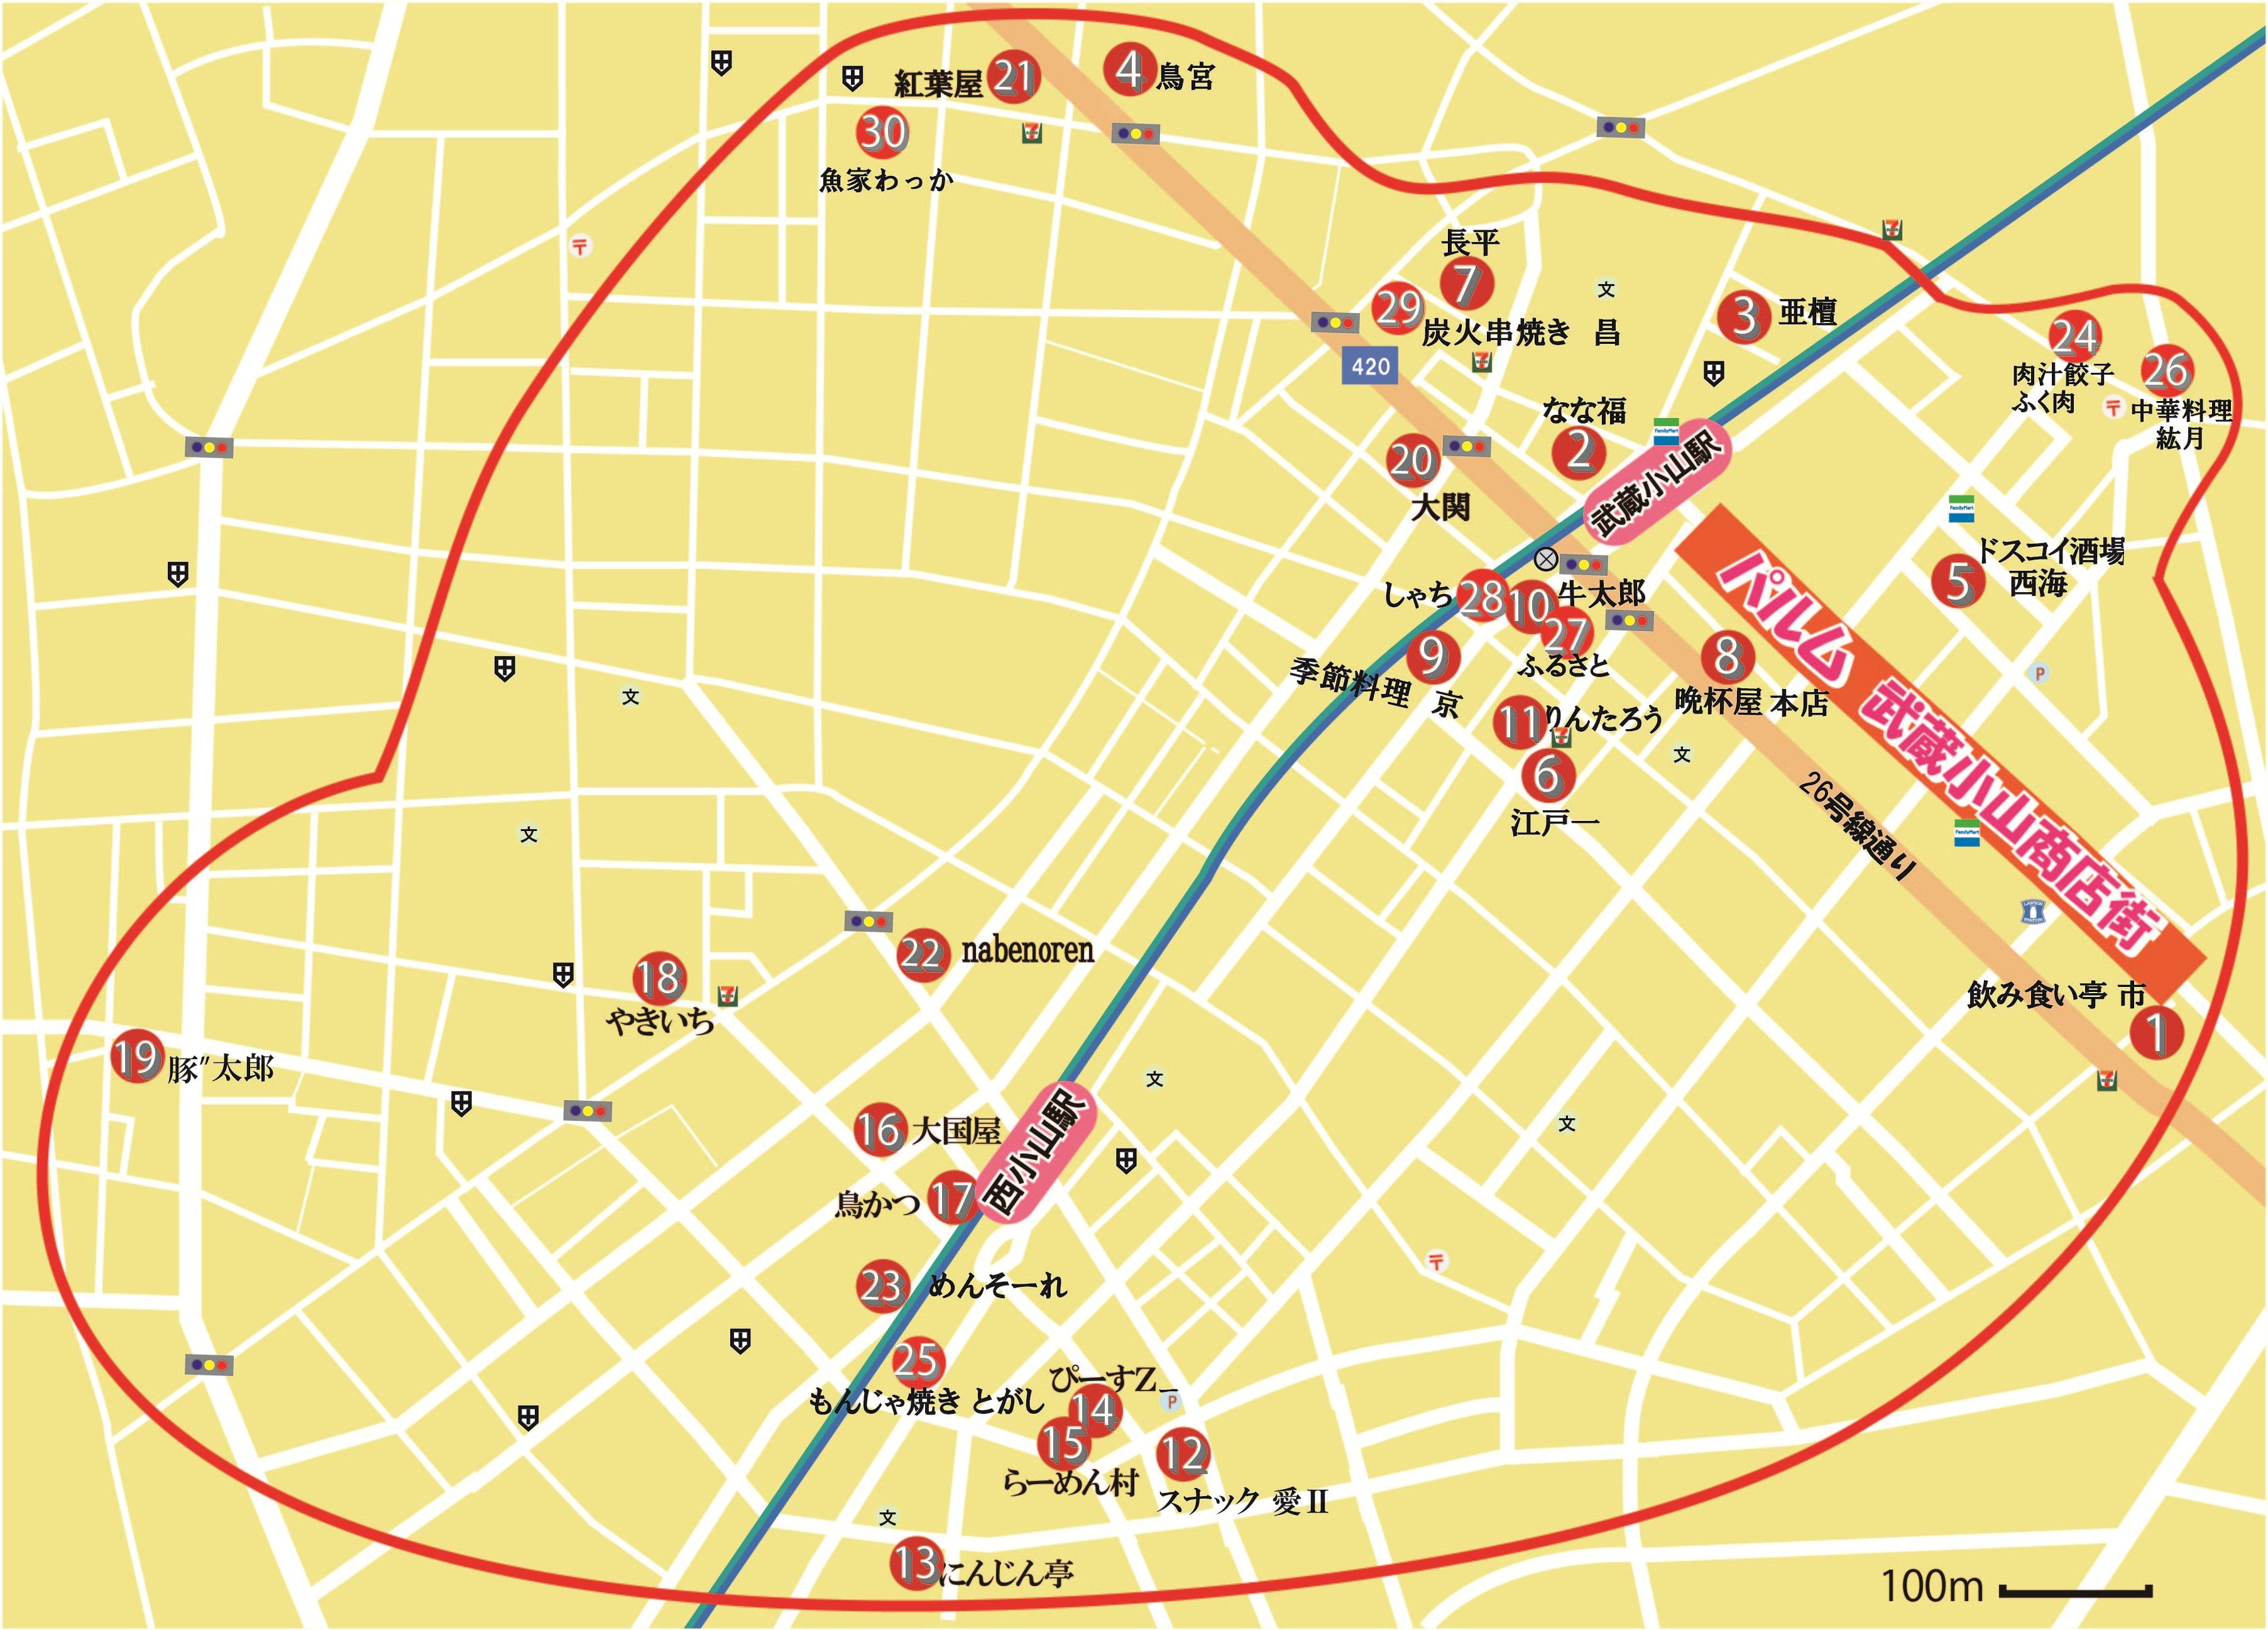 20171025_ハイサワー特区地図追加-01